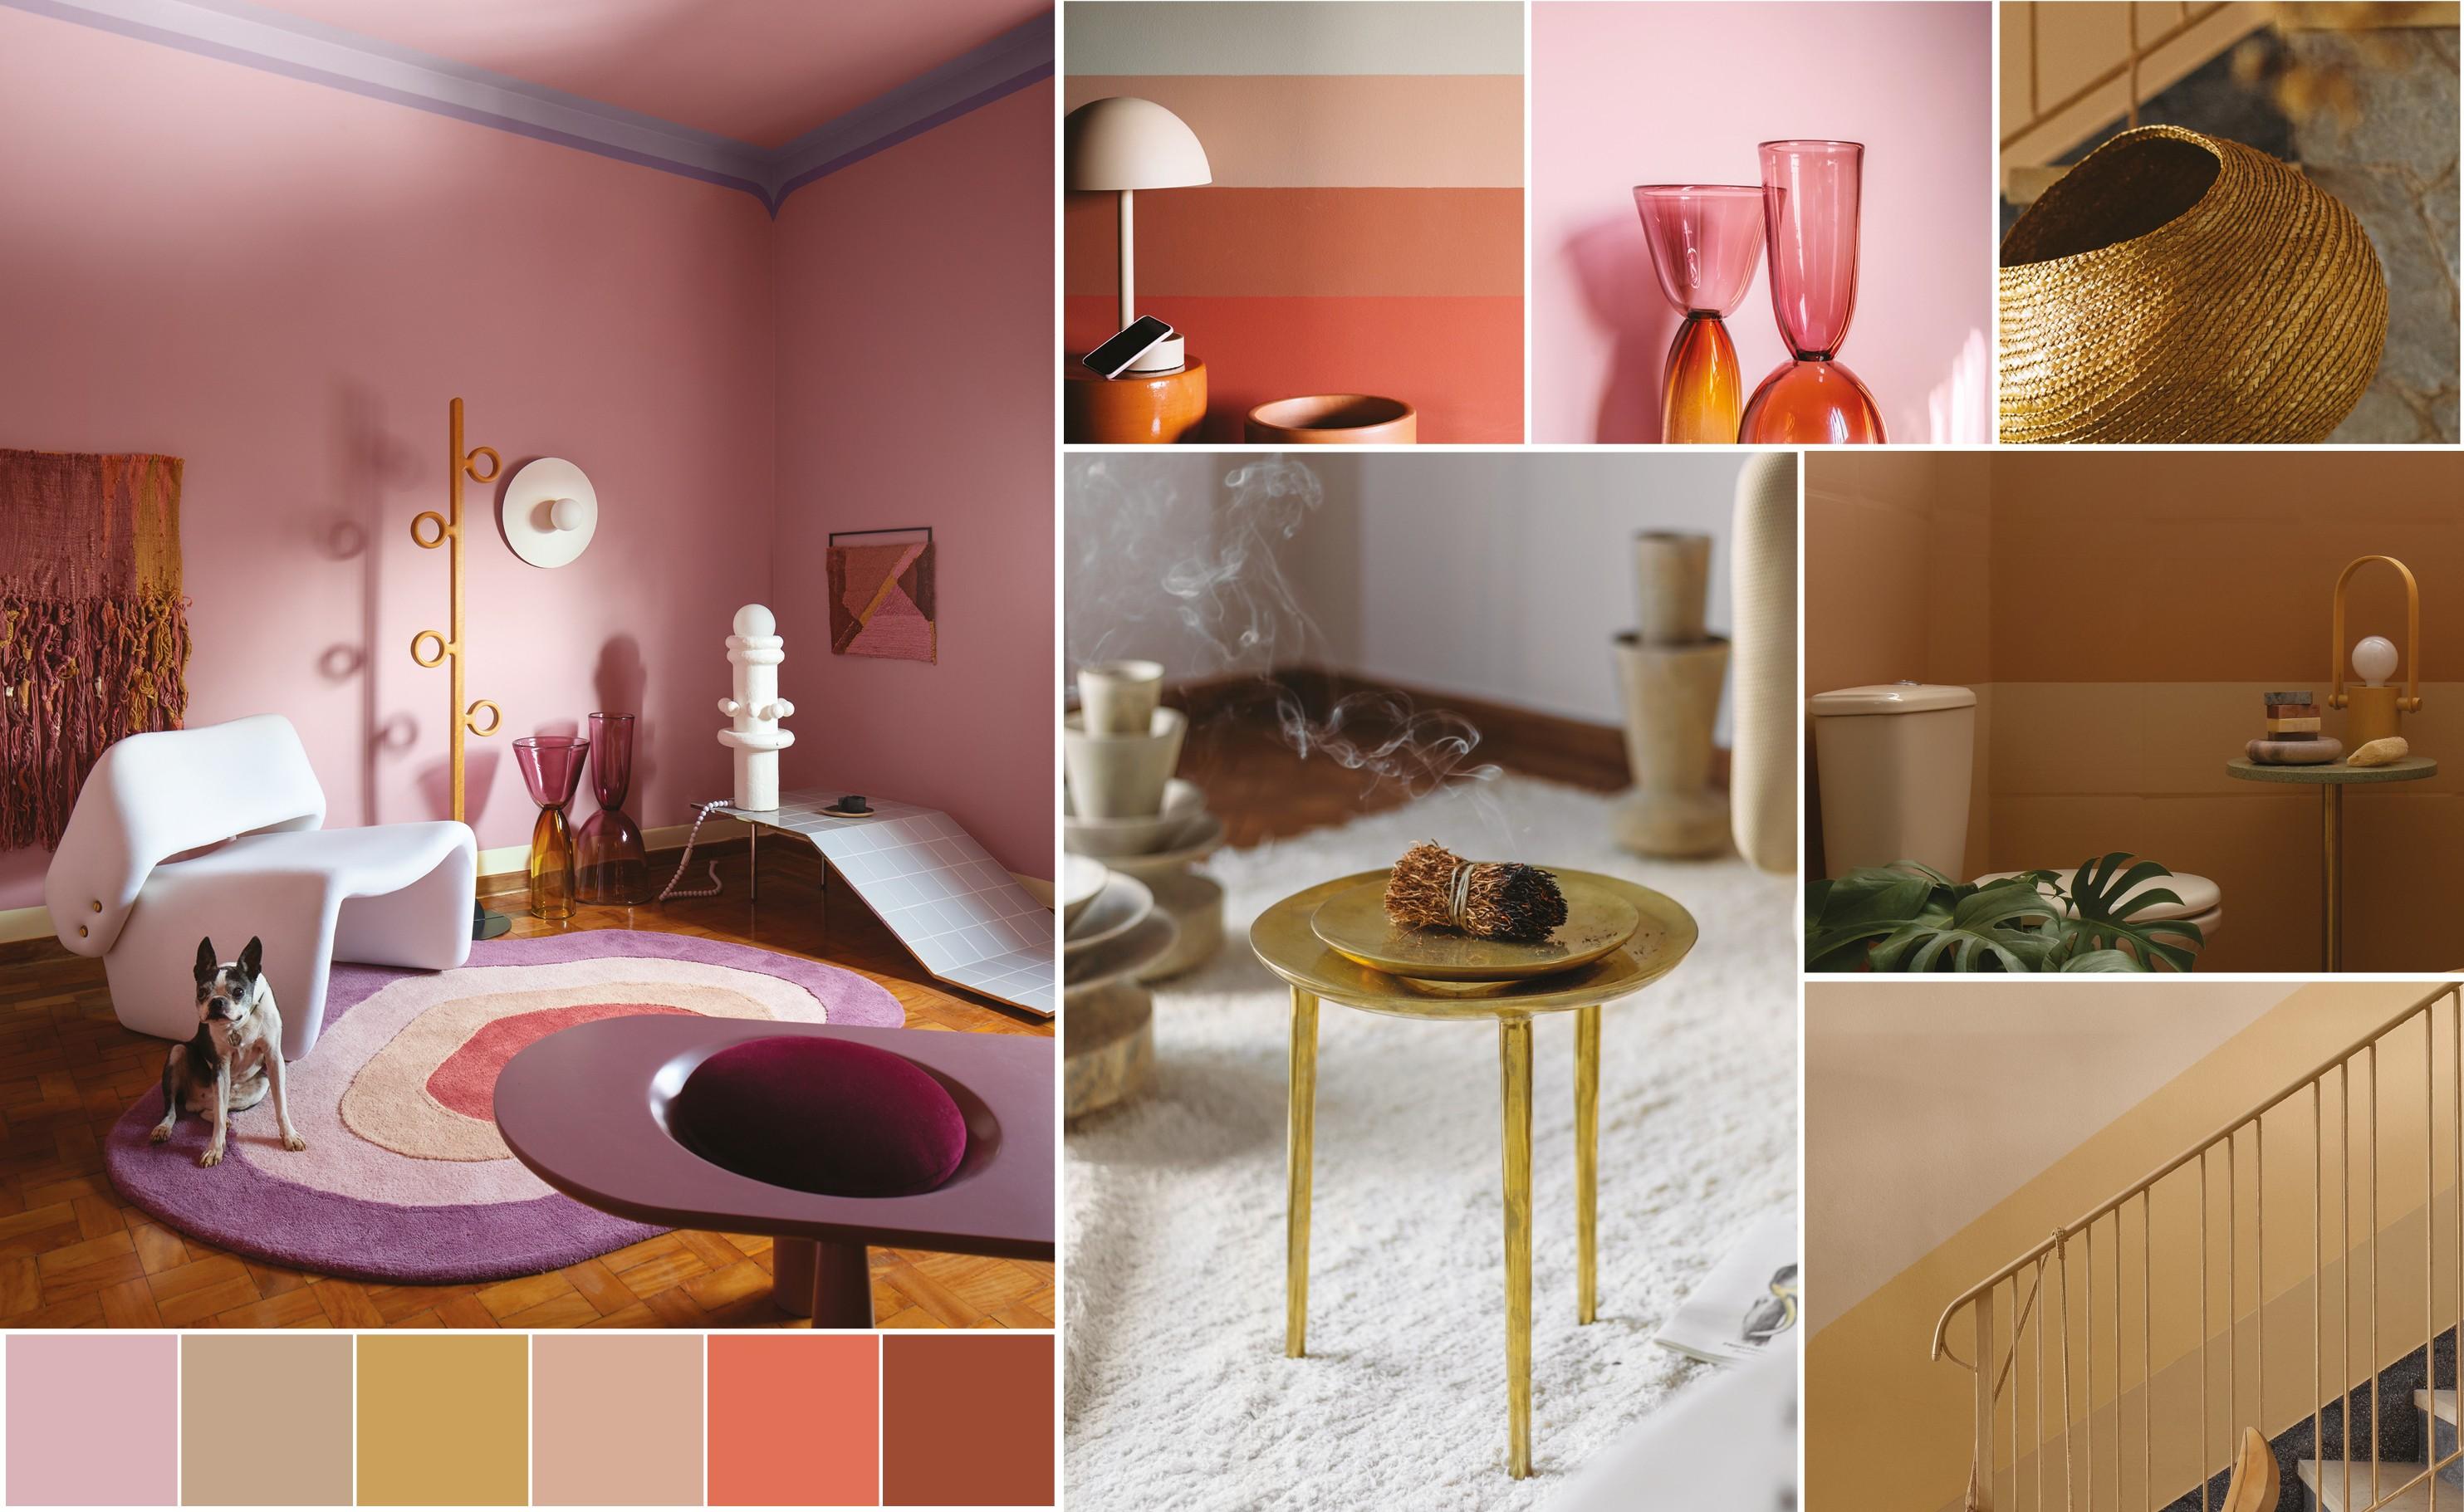 Suvinil Revela mostra ambientes pintados com as cores tendências de 2021.